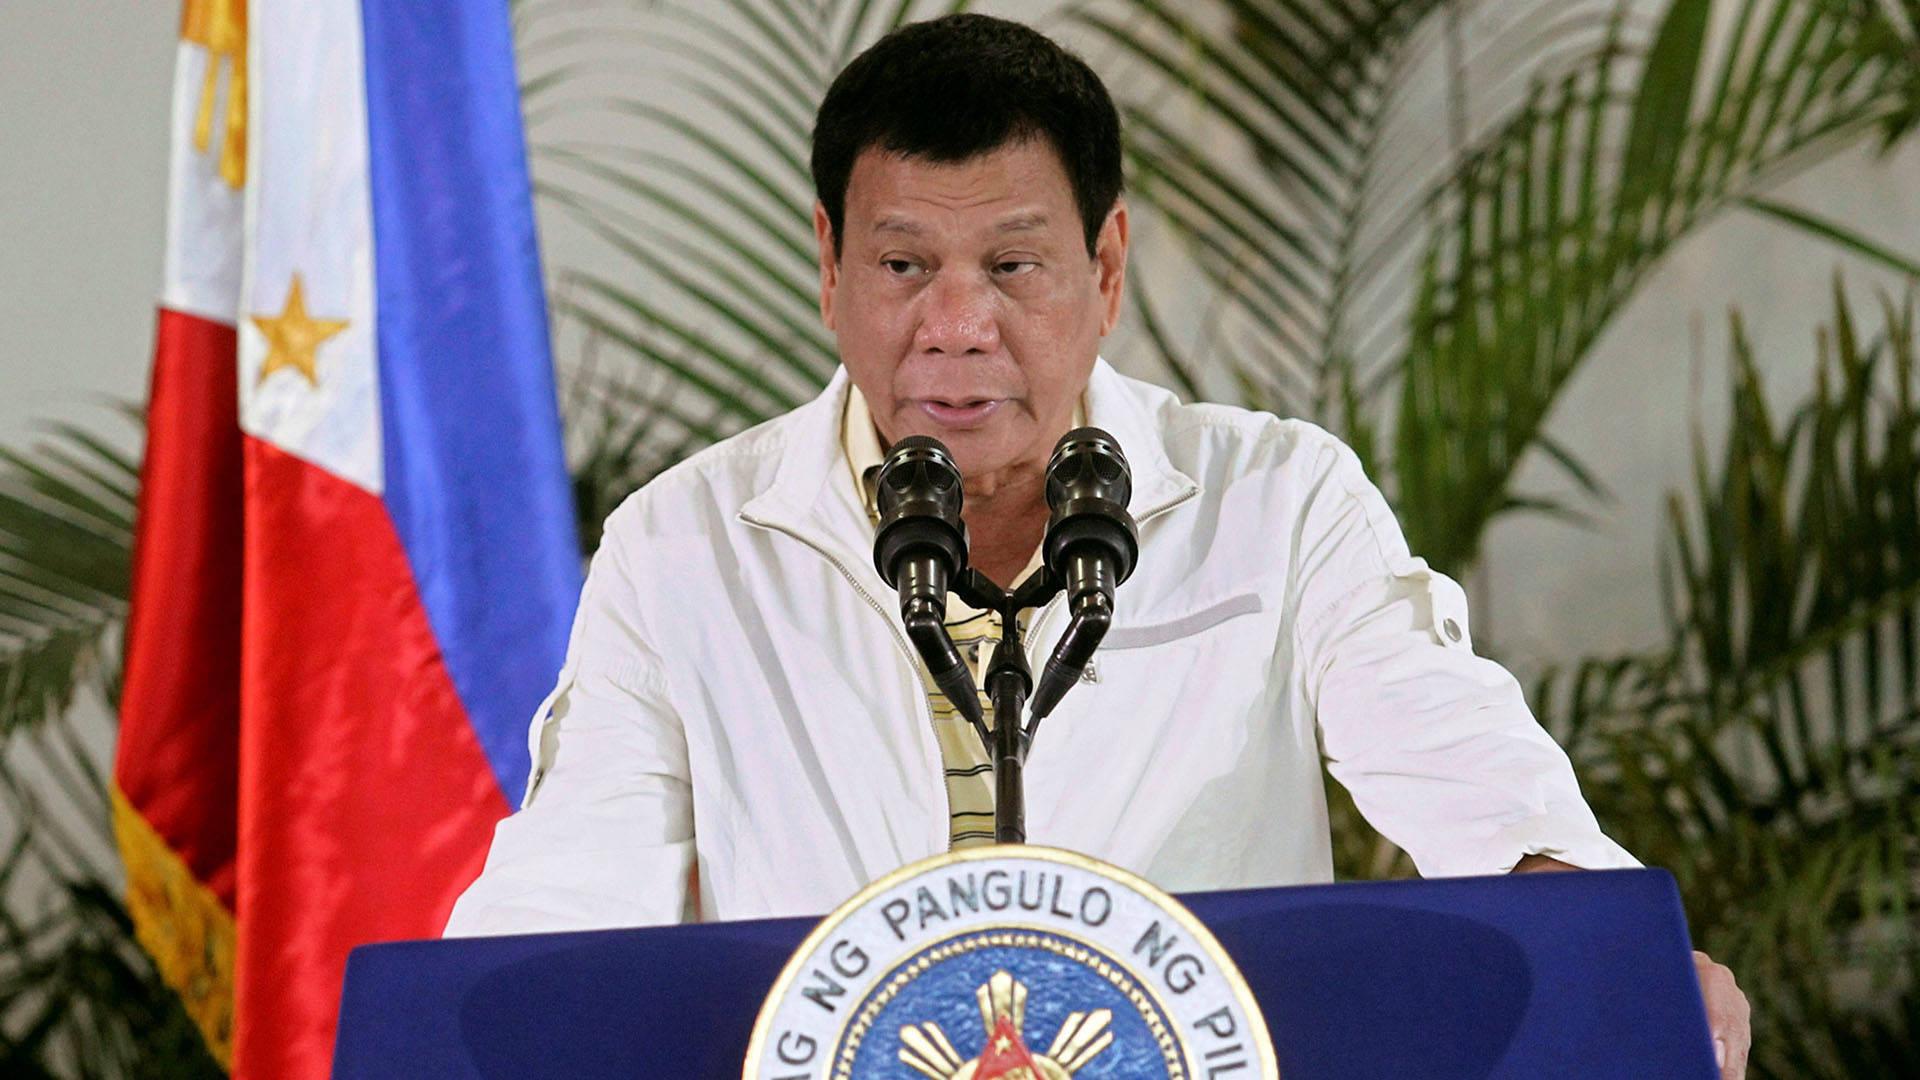 Resultado de imagen para guardia de la seguridad del jefe de Estado filipino, Rodrigo Duterte,encontrado muerto